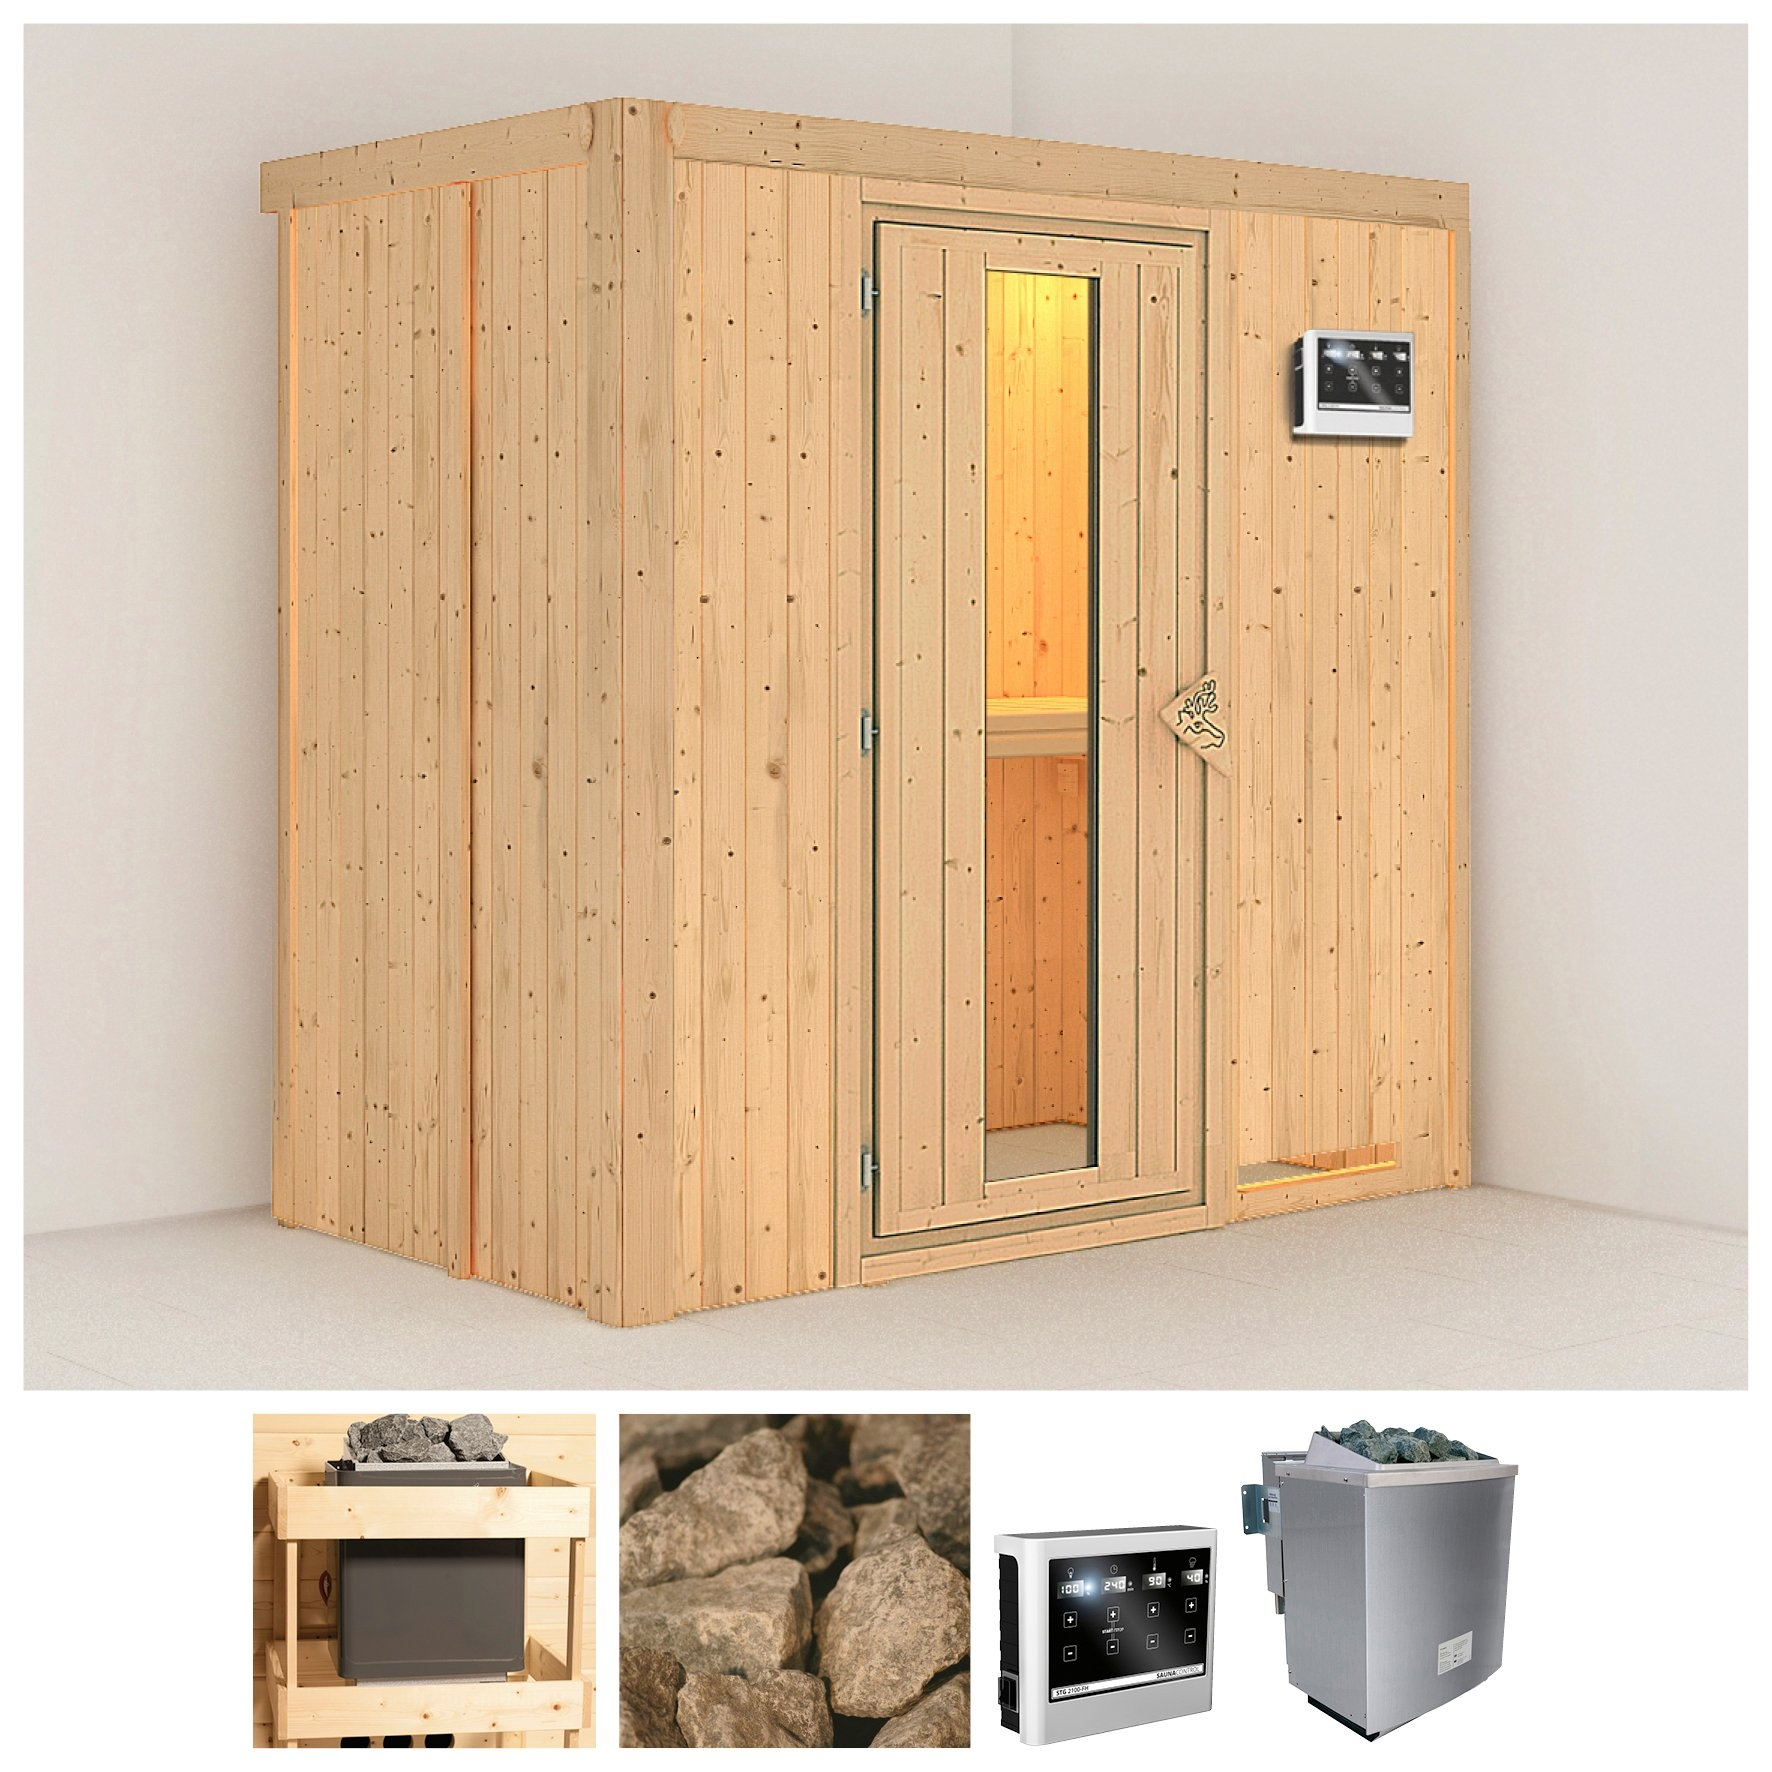 KONIFERA sauna »Variado«, 196/118/198 cm, 9-kW-Bio-Ofen mit ext. Strg., Holztür bestellen: 30 dagen bedenktijd